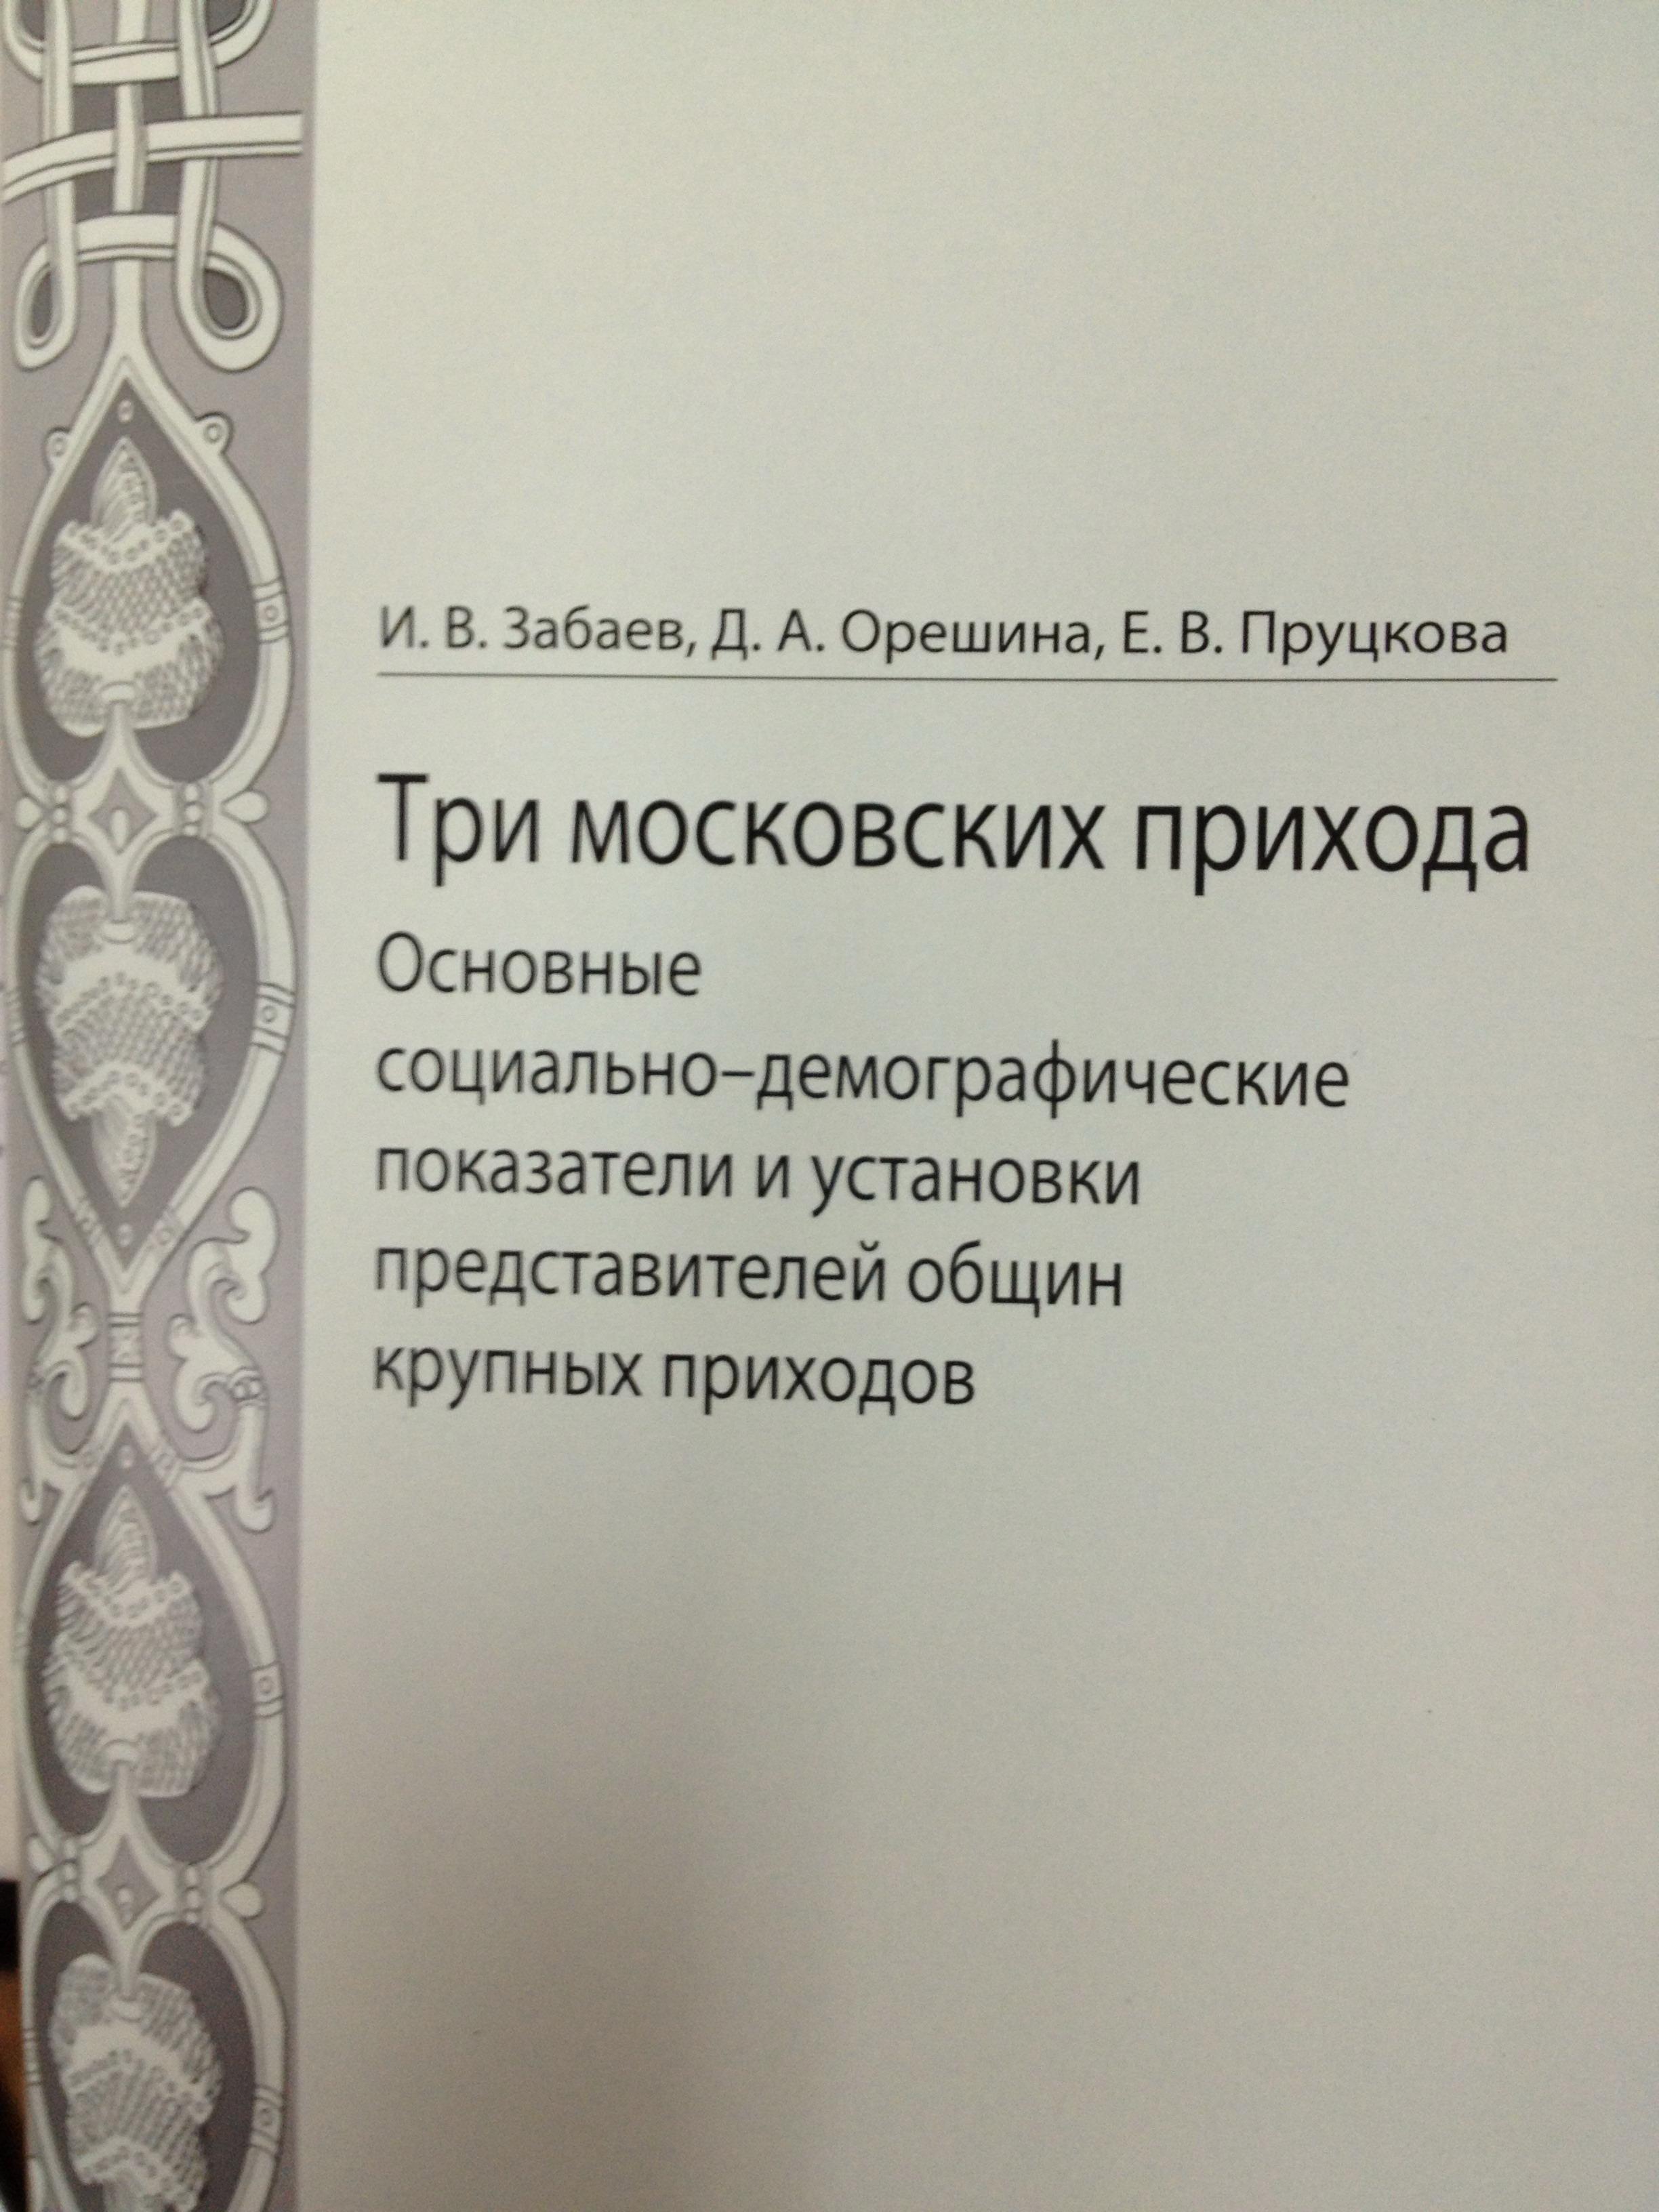 Три московских прихода: основные социально-демографические показатели и установки представителей общин крупных приходов г. Москвы